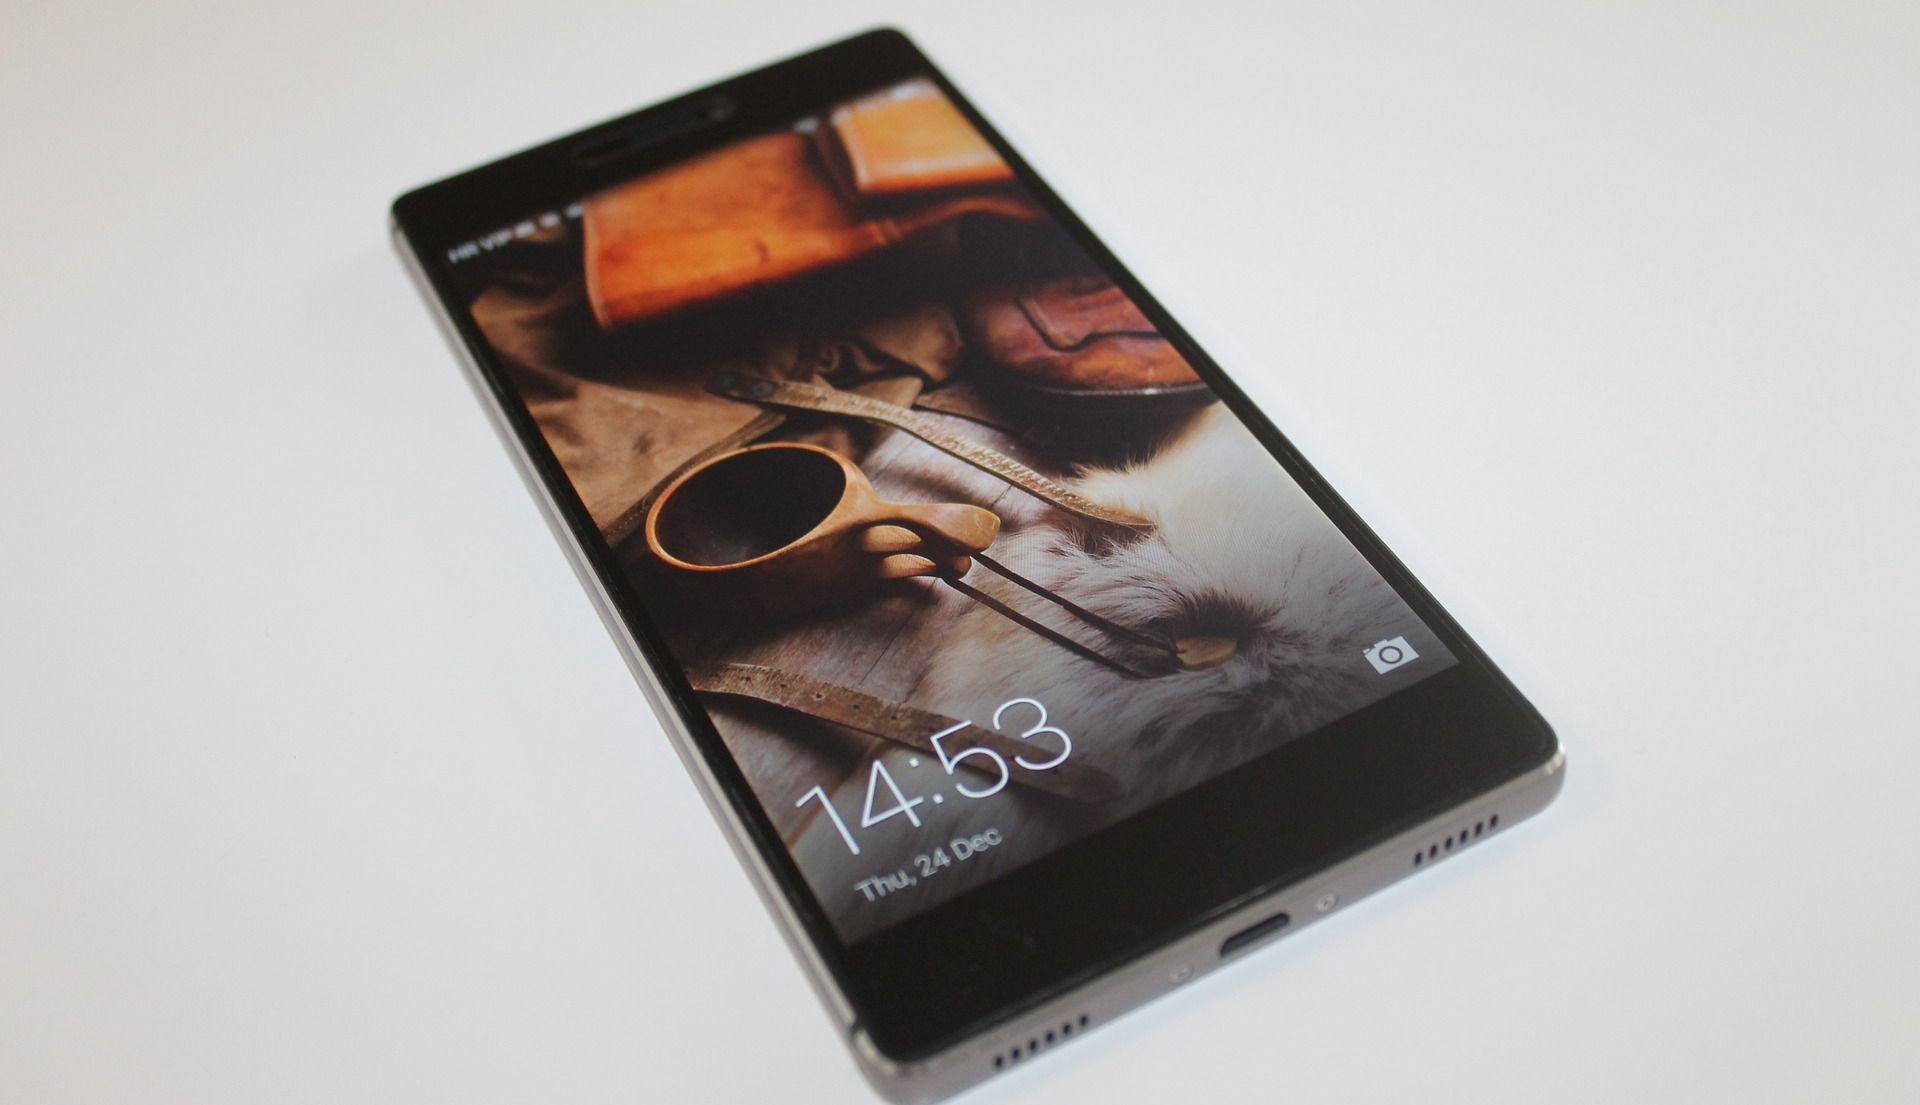 Kina preuzima polovicu globalnog tržišta pametnih telefona